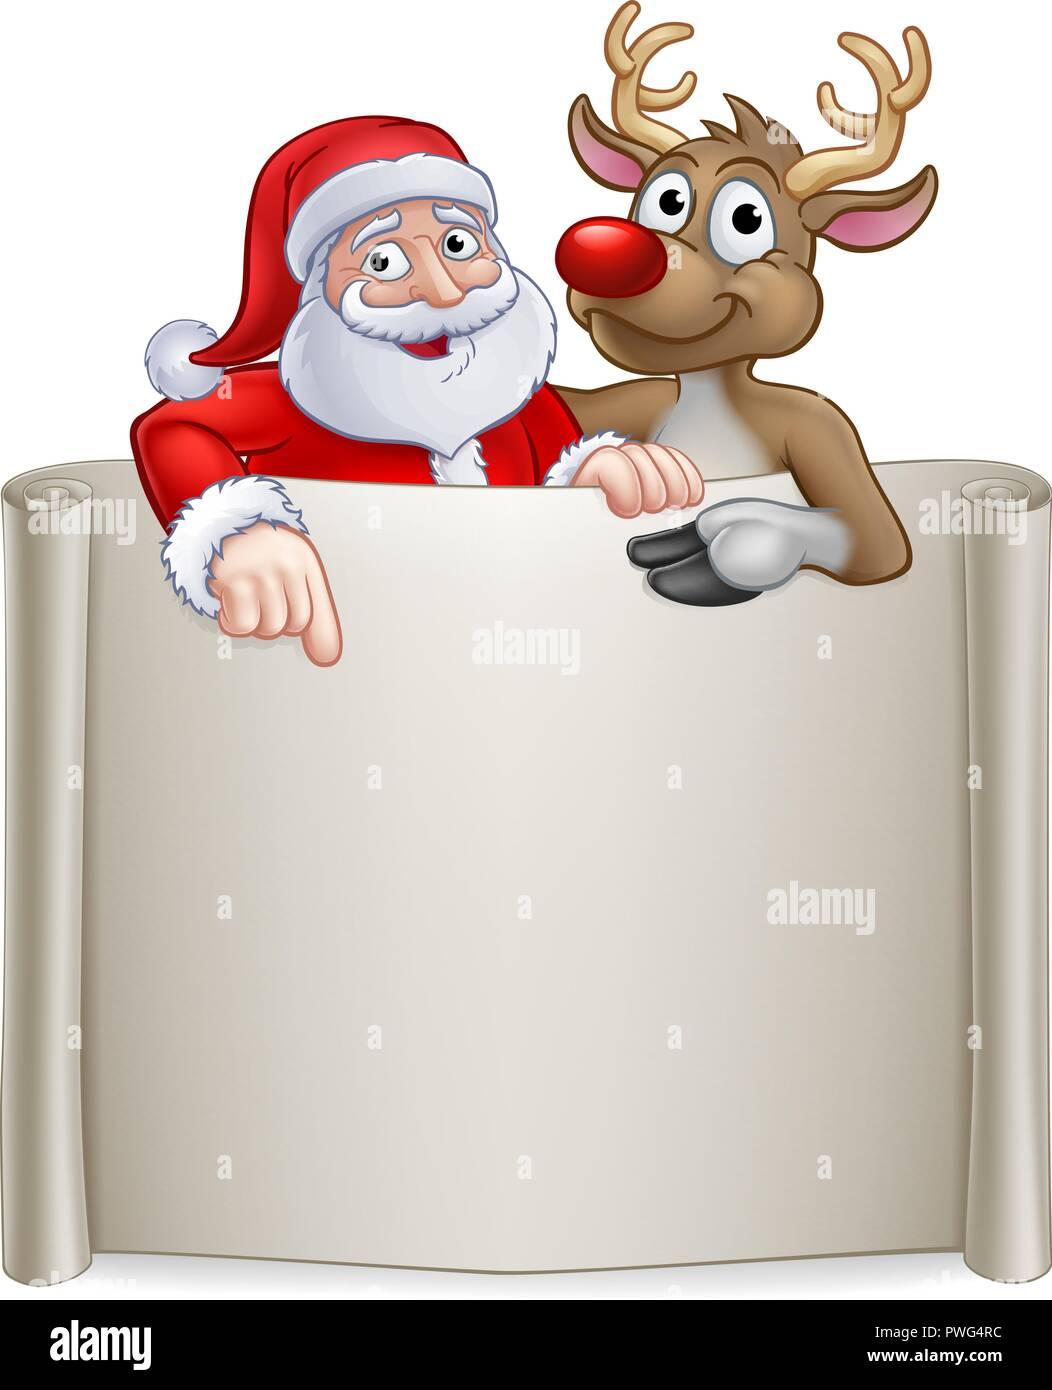 Christmas Santa Claus and Reindeer Cartoon Sign - Stock Image